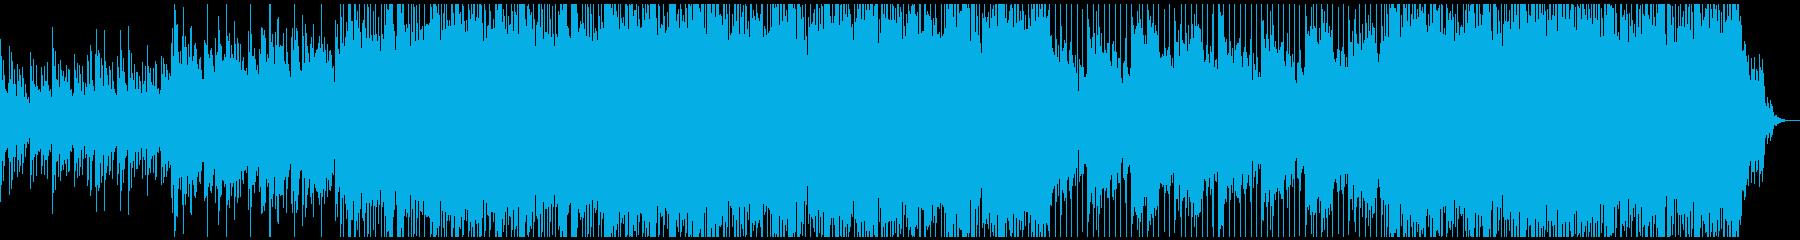 ポップスでインスピレーションのある曲の再生済みの波形